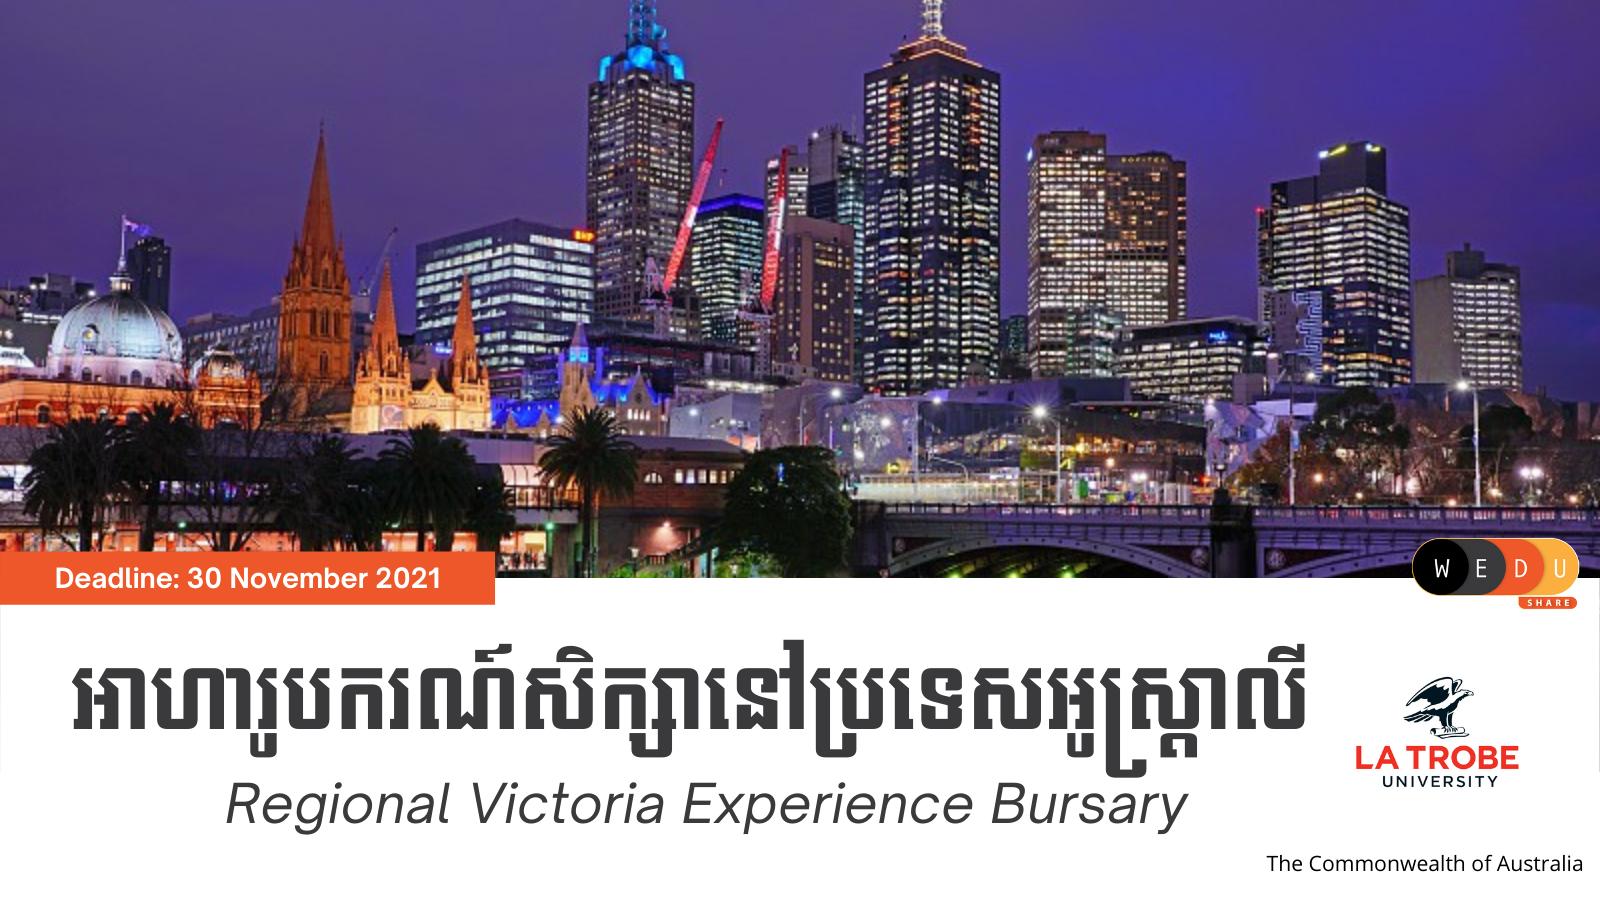 Regional Victoria Experience Bursary